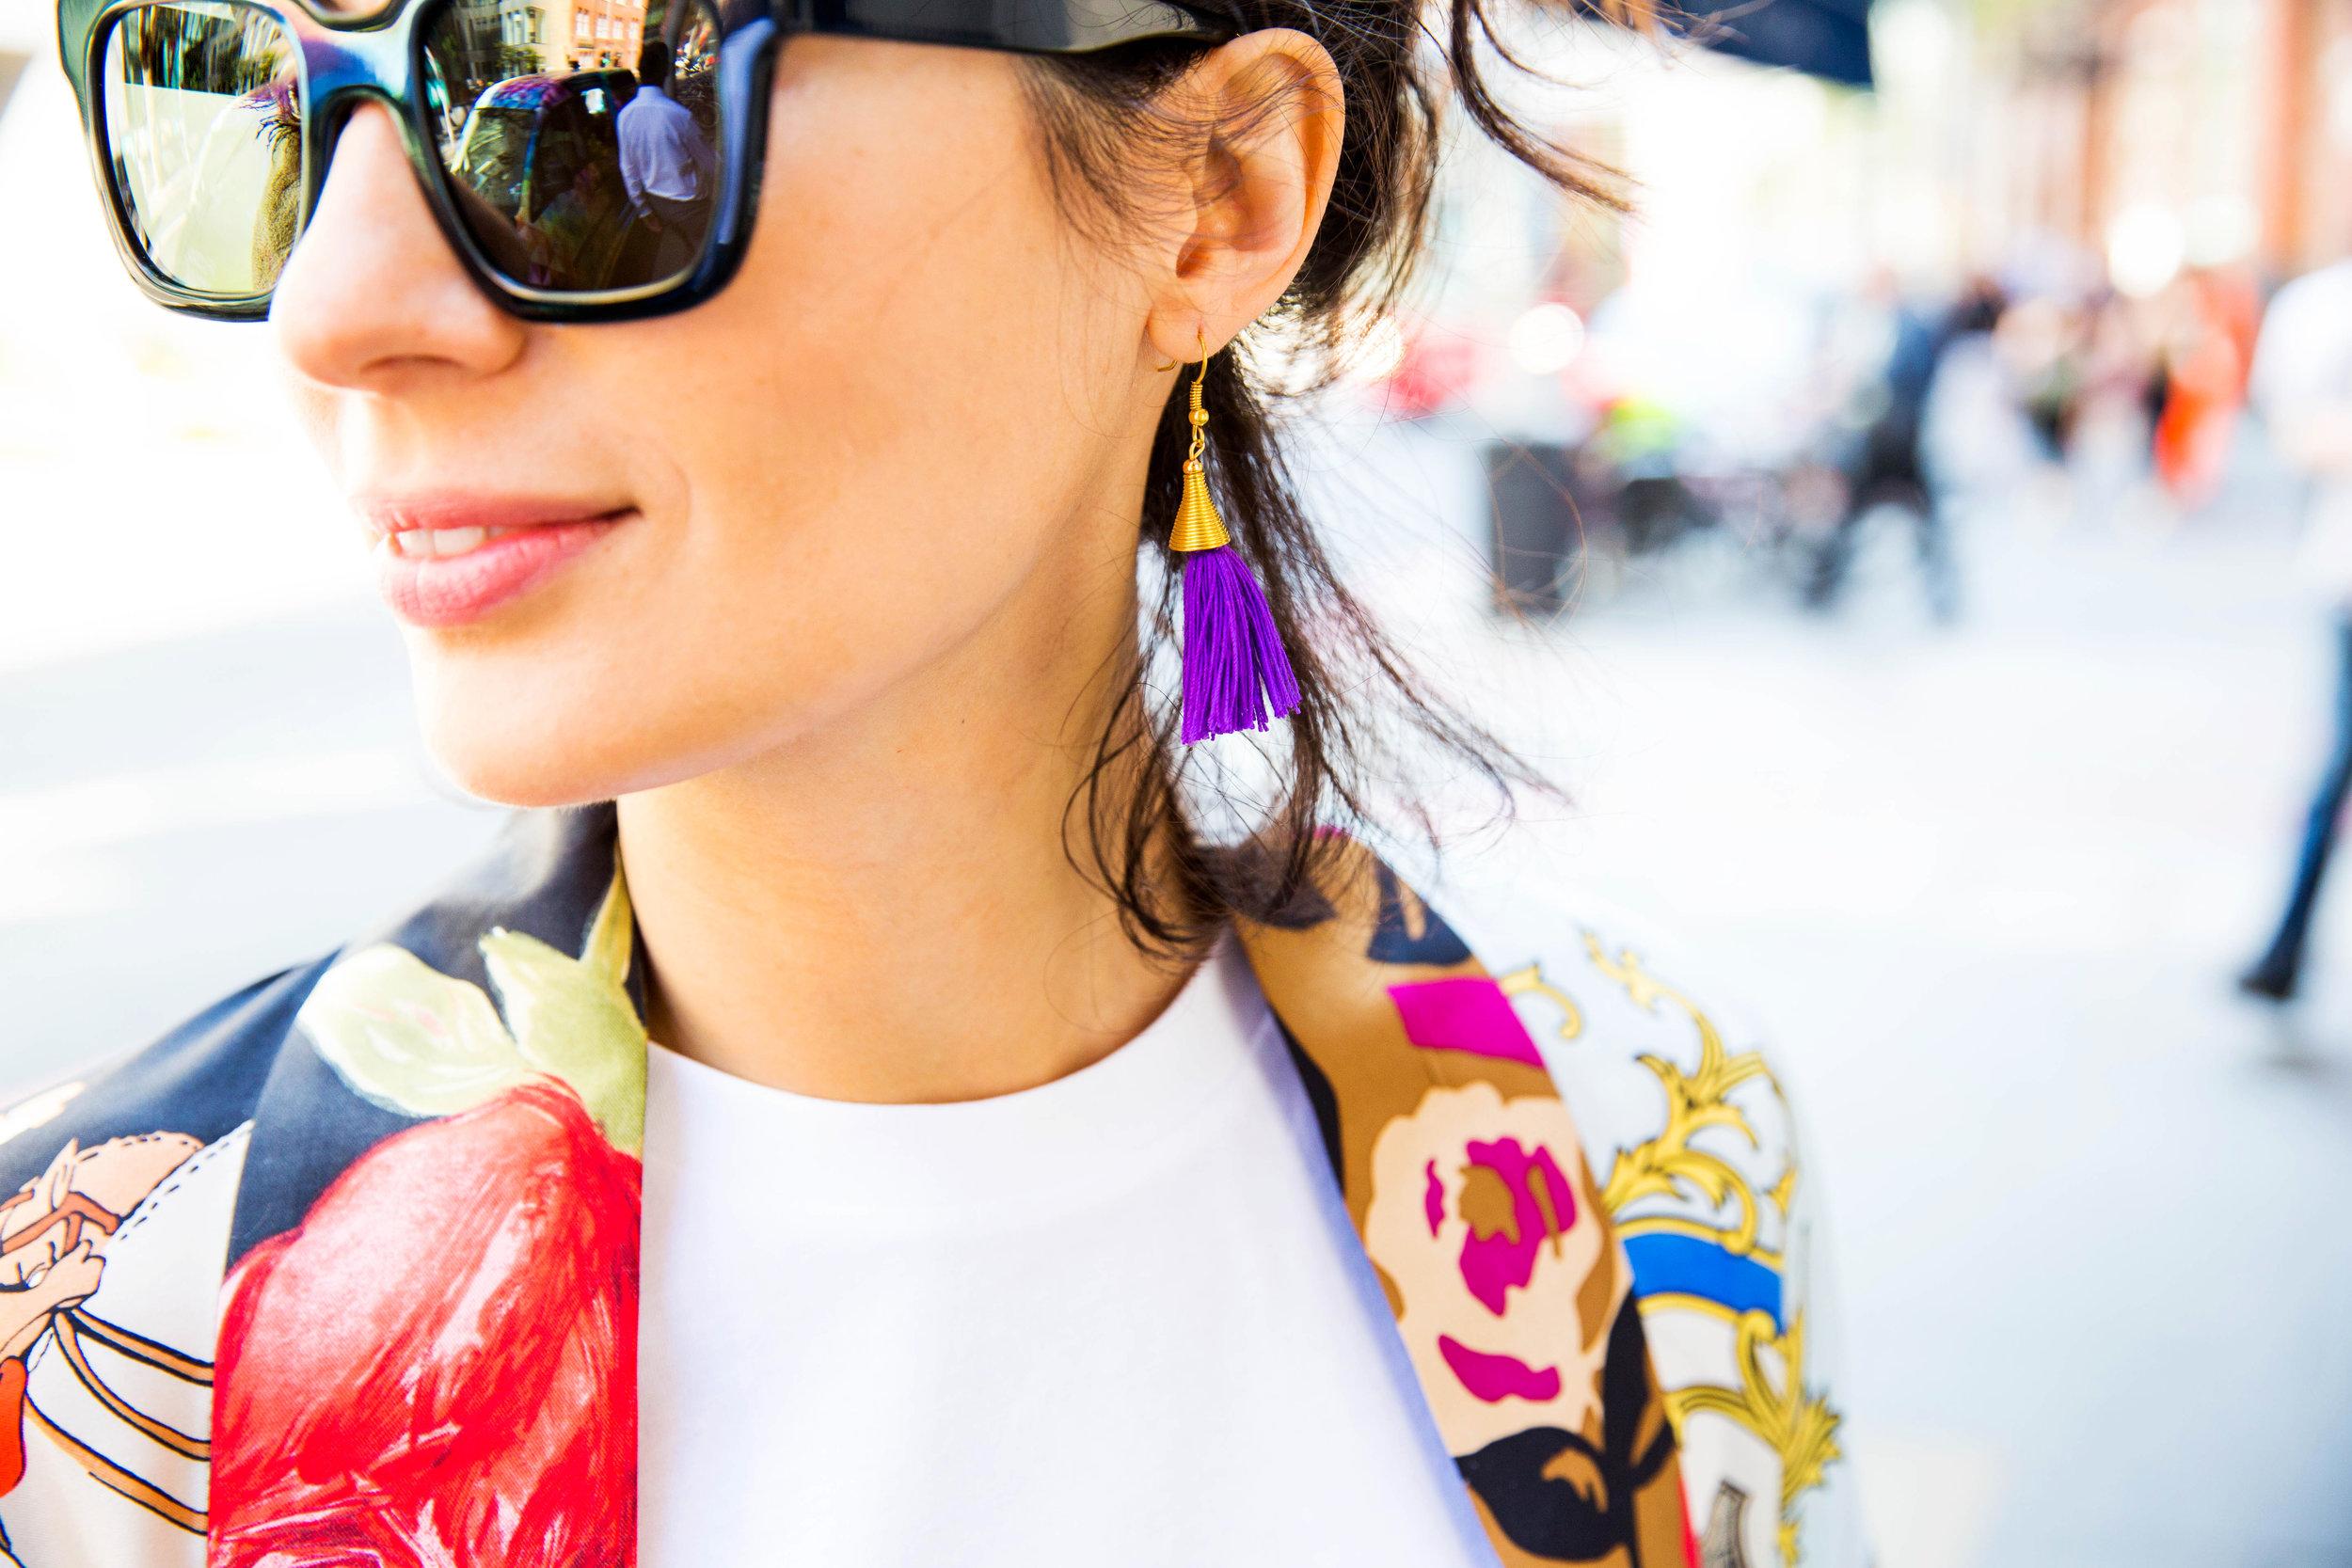 JasmineHemsley_FashionRevolution_Selects_NickHopper-0945.jpg